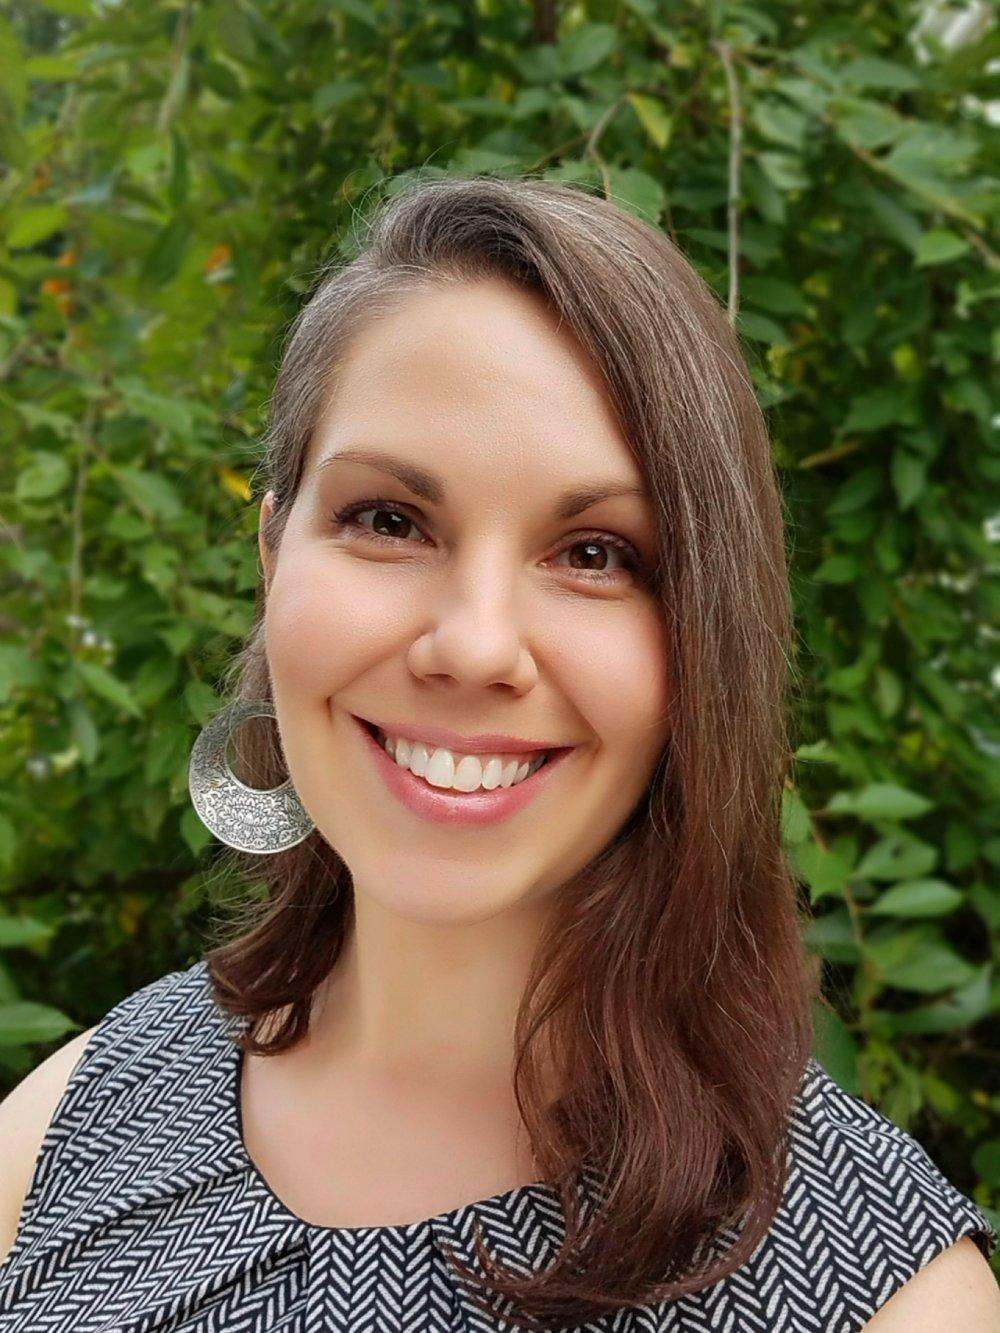 Rachel Hershberger, MS CNS LDN